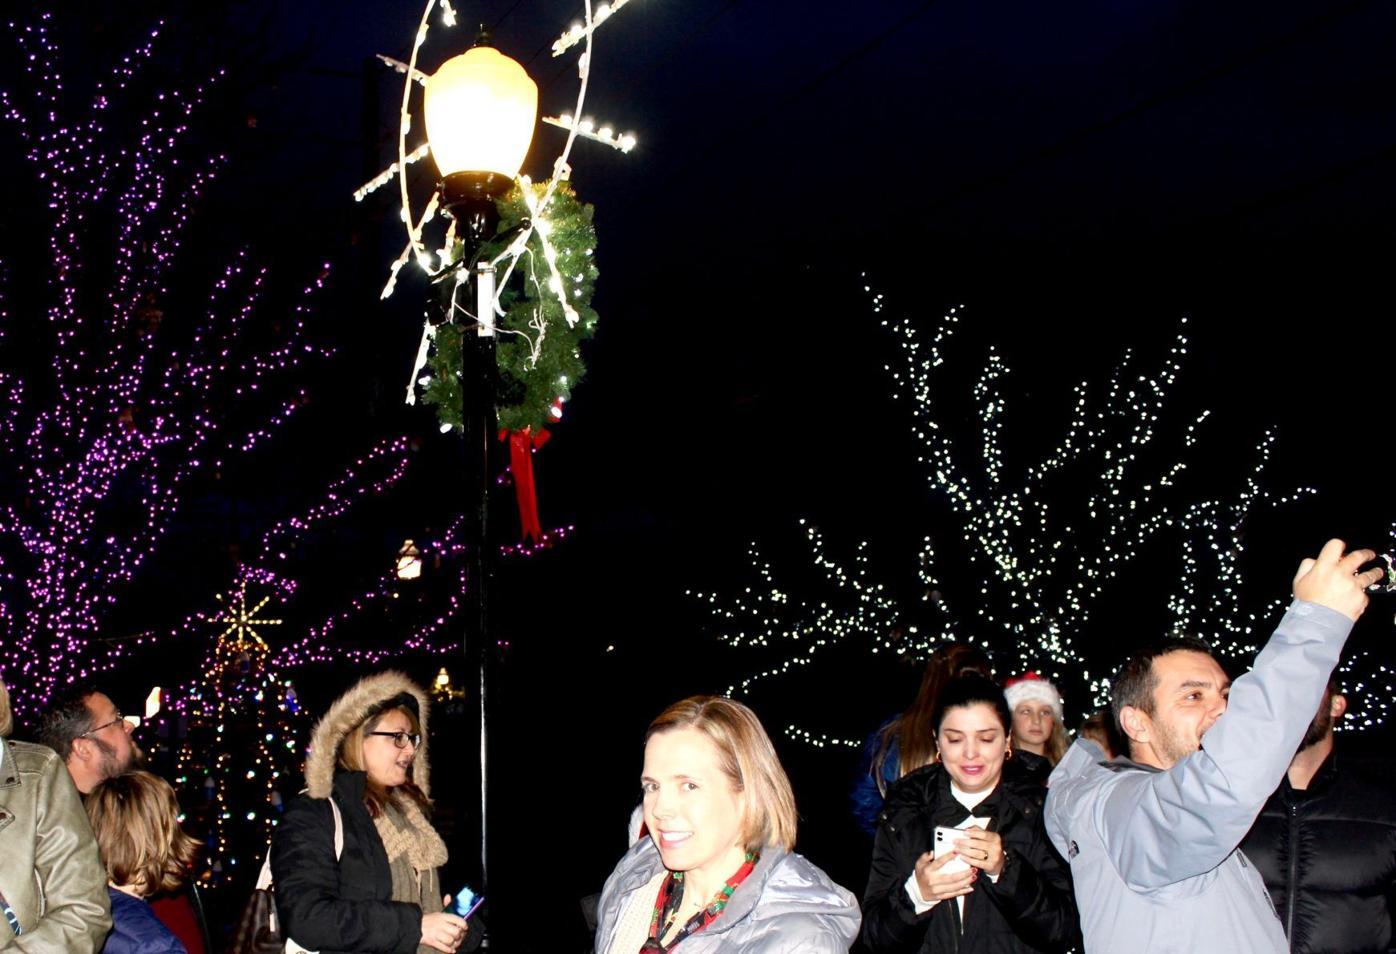 Chesapeake Beach Christmas lights